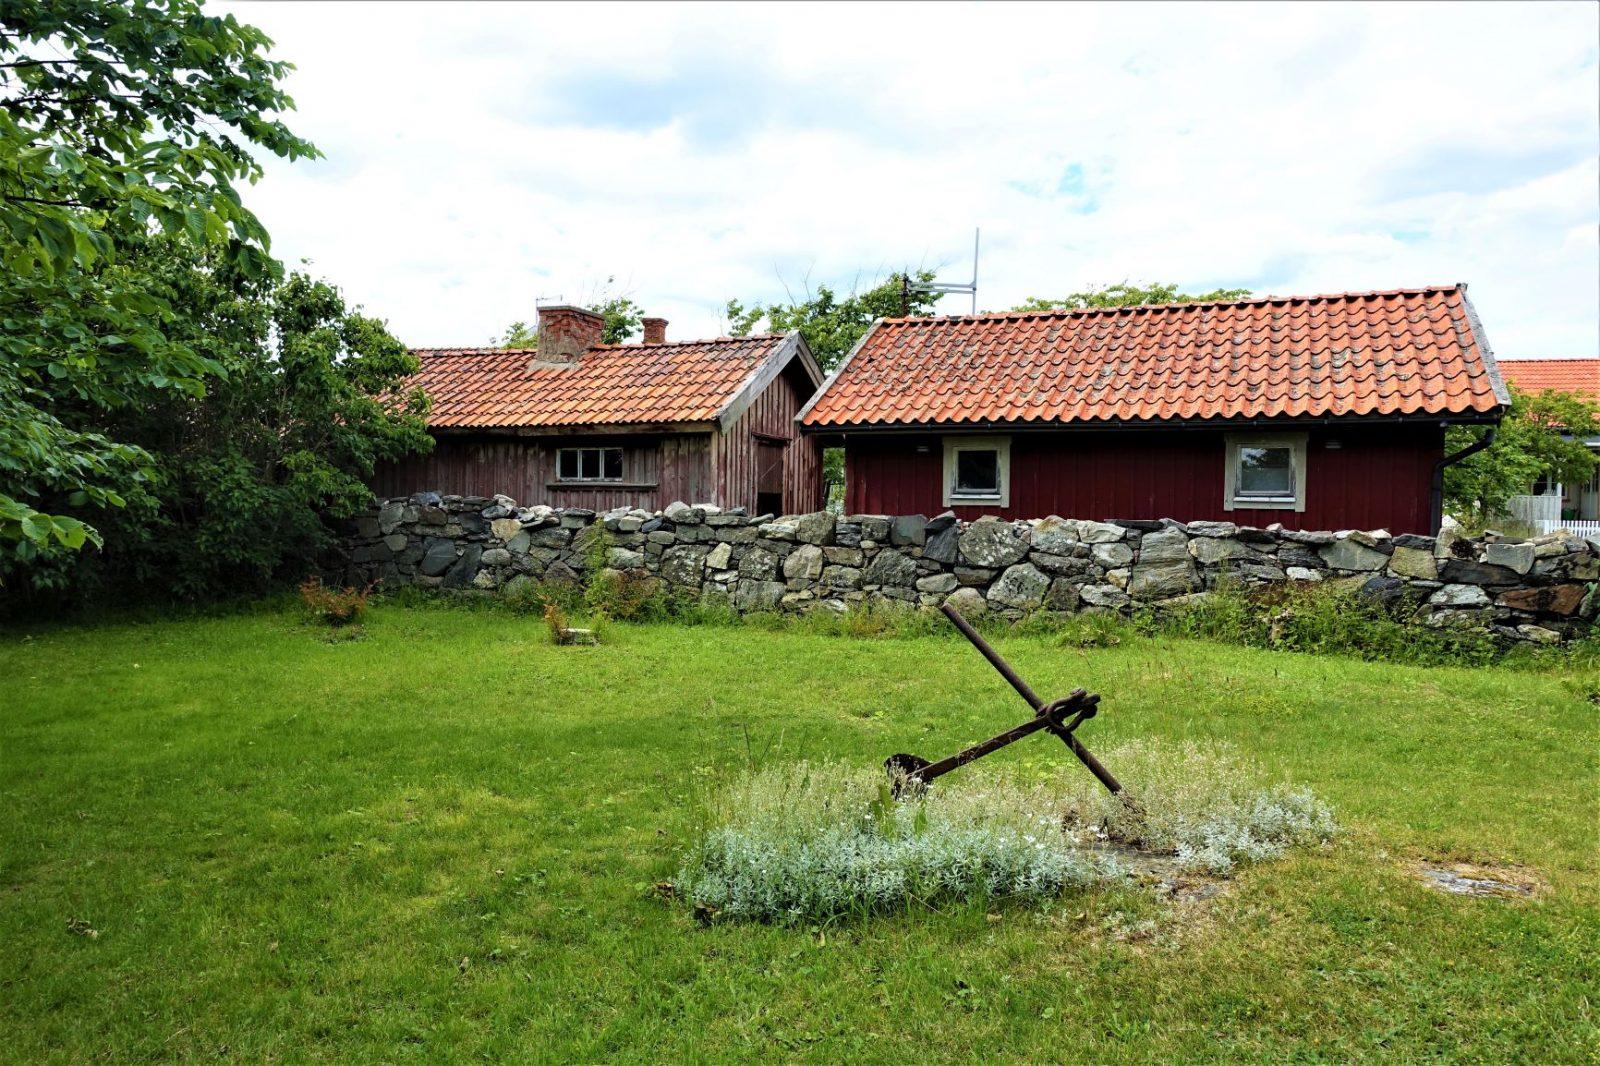 Steingjerde og veldig gamle hus på käringö